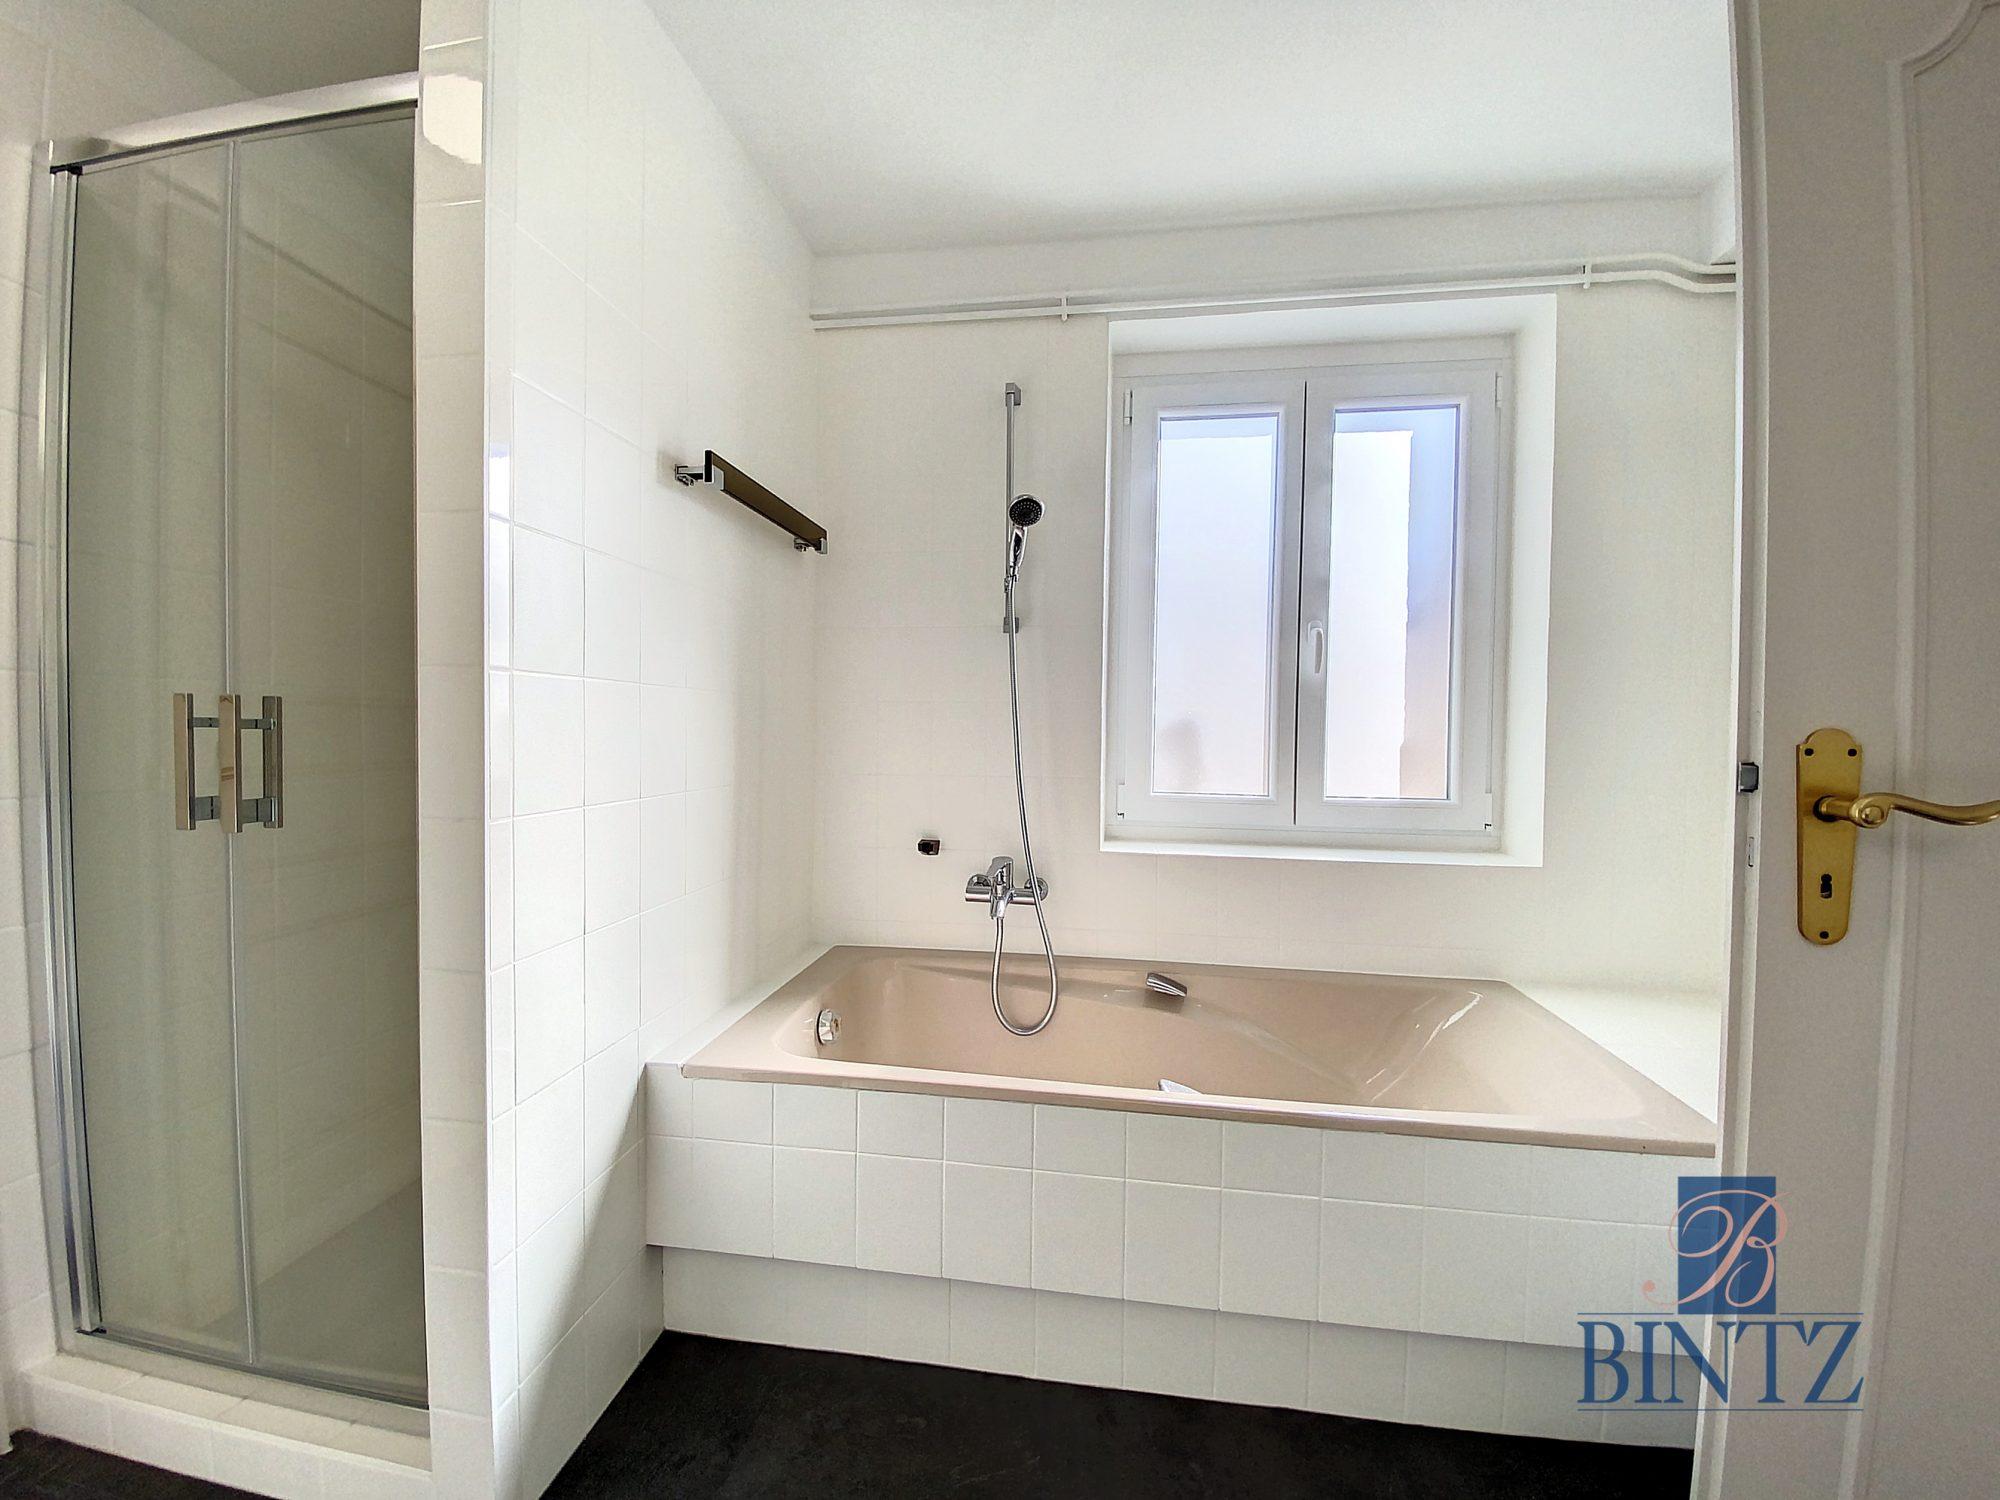 DUPLEX avec terrasse PLACE DE L'UNIVERSITÉ AVEC TERRASSE - Devenez locataire en toute sérénité - Bintz Immobilier - 11